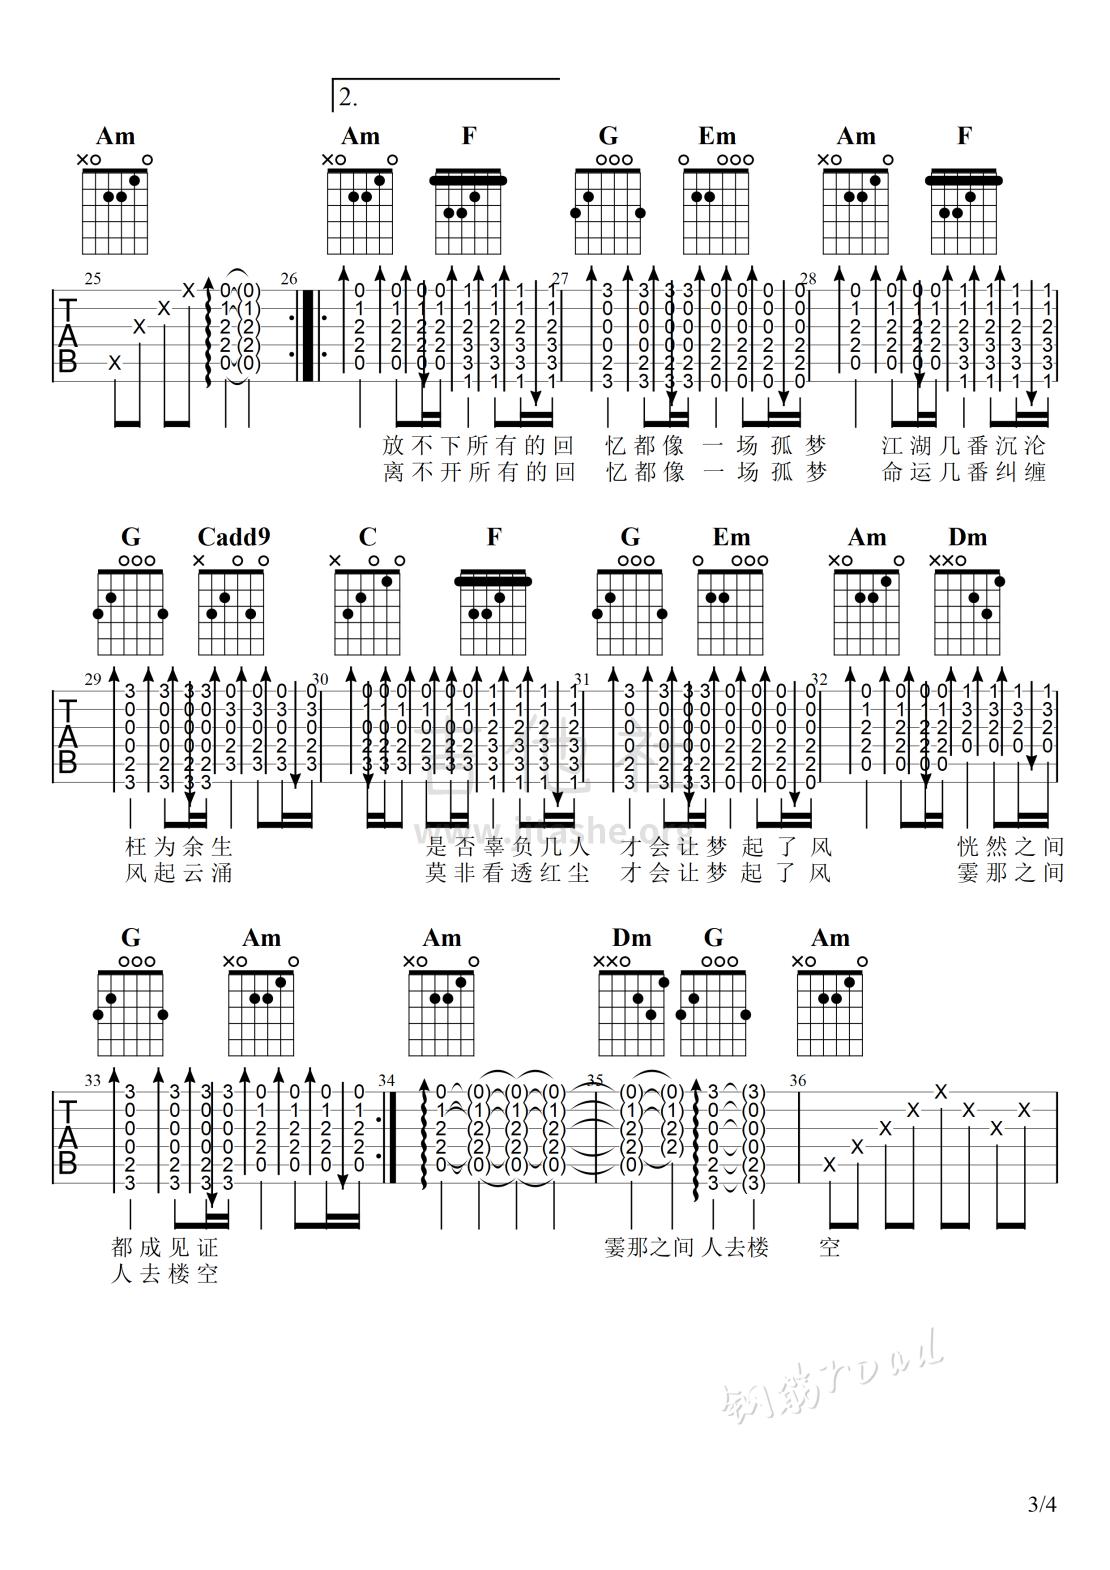 网剧《山河令》插曲 - 孤梦吉他谱(图片谱,弹唱,山河令,优酷电视剧)_张哲瀚_孤梦#3_副本.png